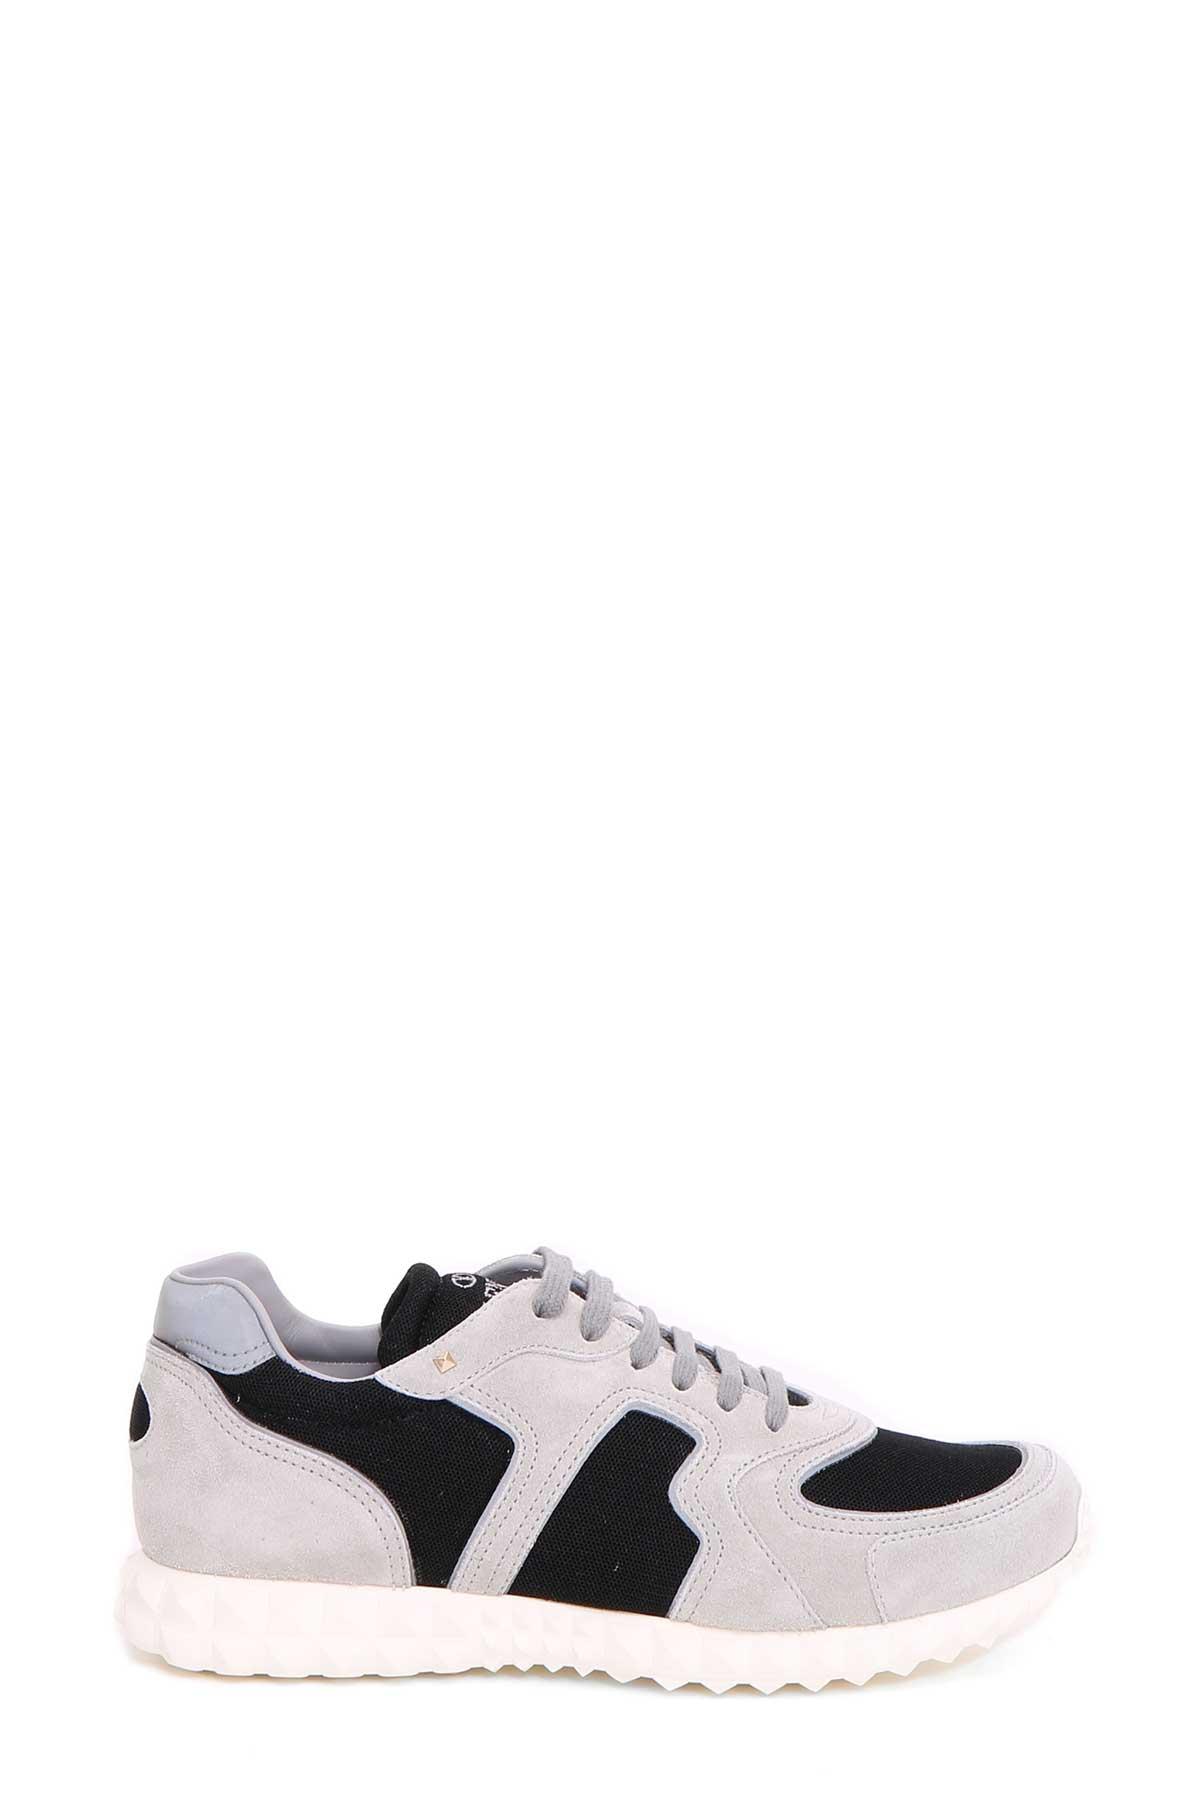 Valentino Garavani Valentino Garavani Soul Am Sneaker